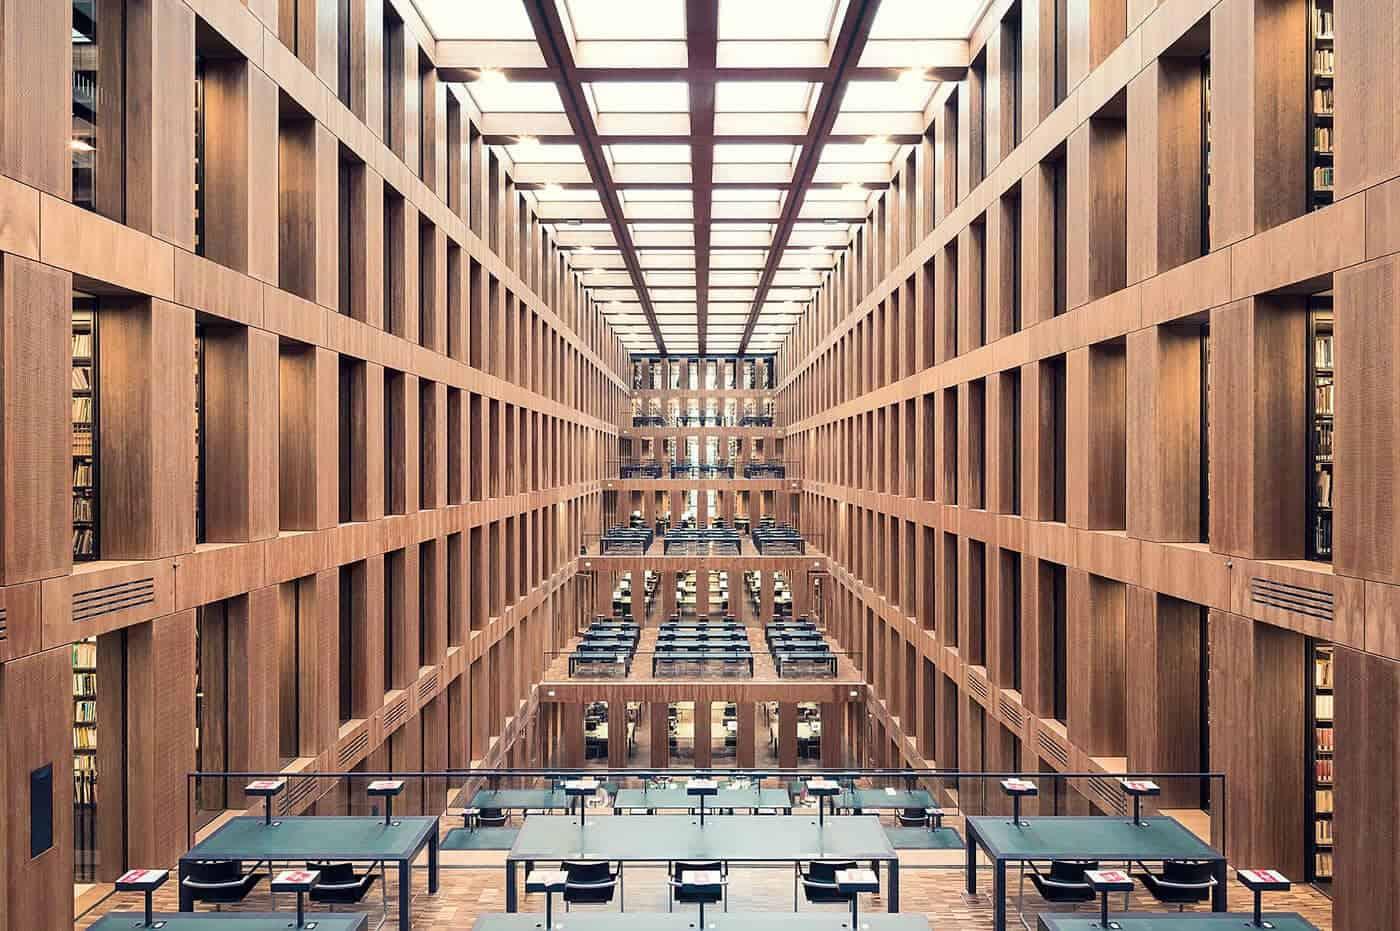 een van de mooiste bibliotheken van Europa